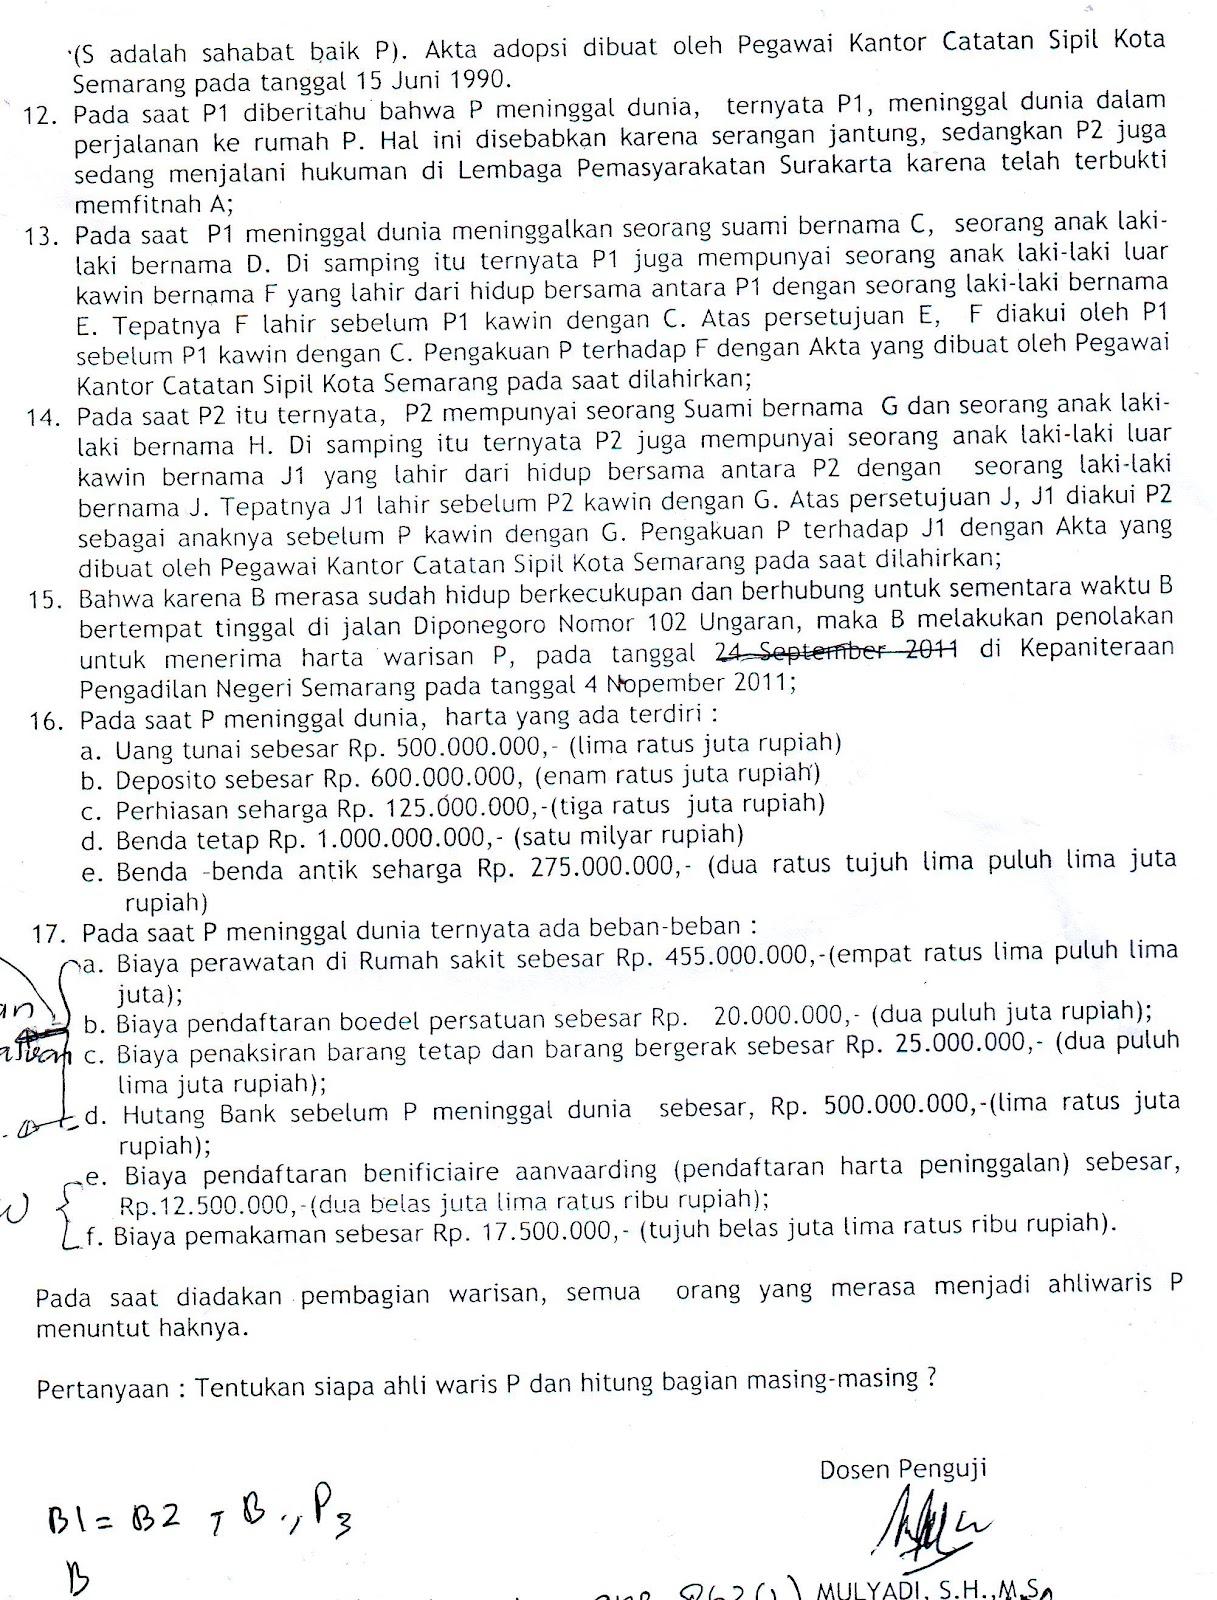 Soal Amp Jawaban Uts H Waris Bw Kelas B1 Amp B2 Notariat Undip Kelas B 2